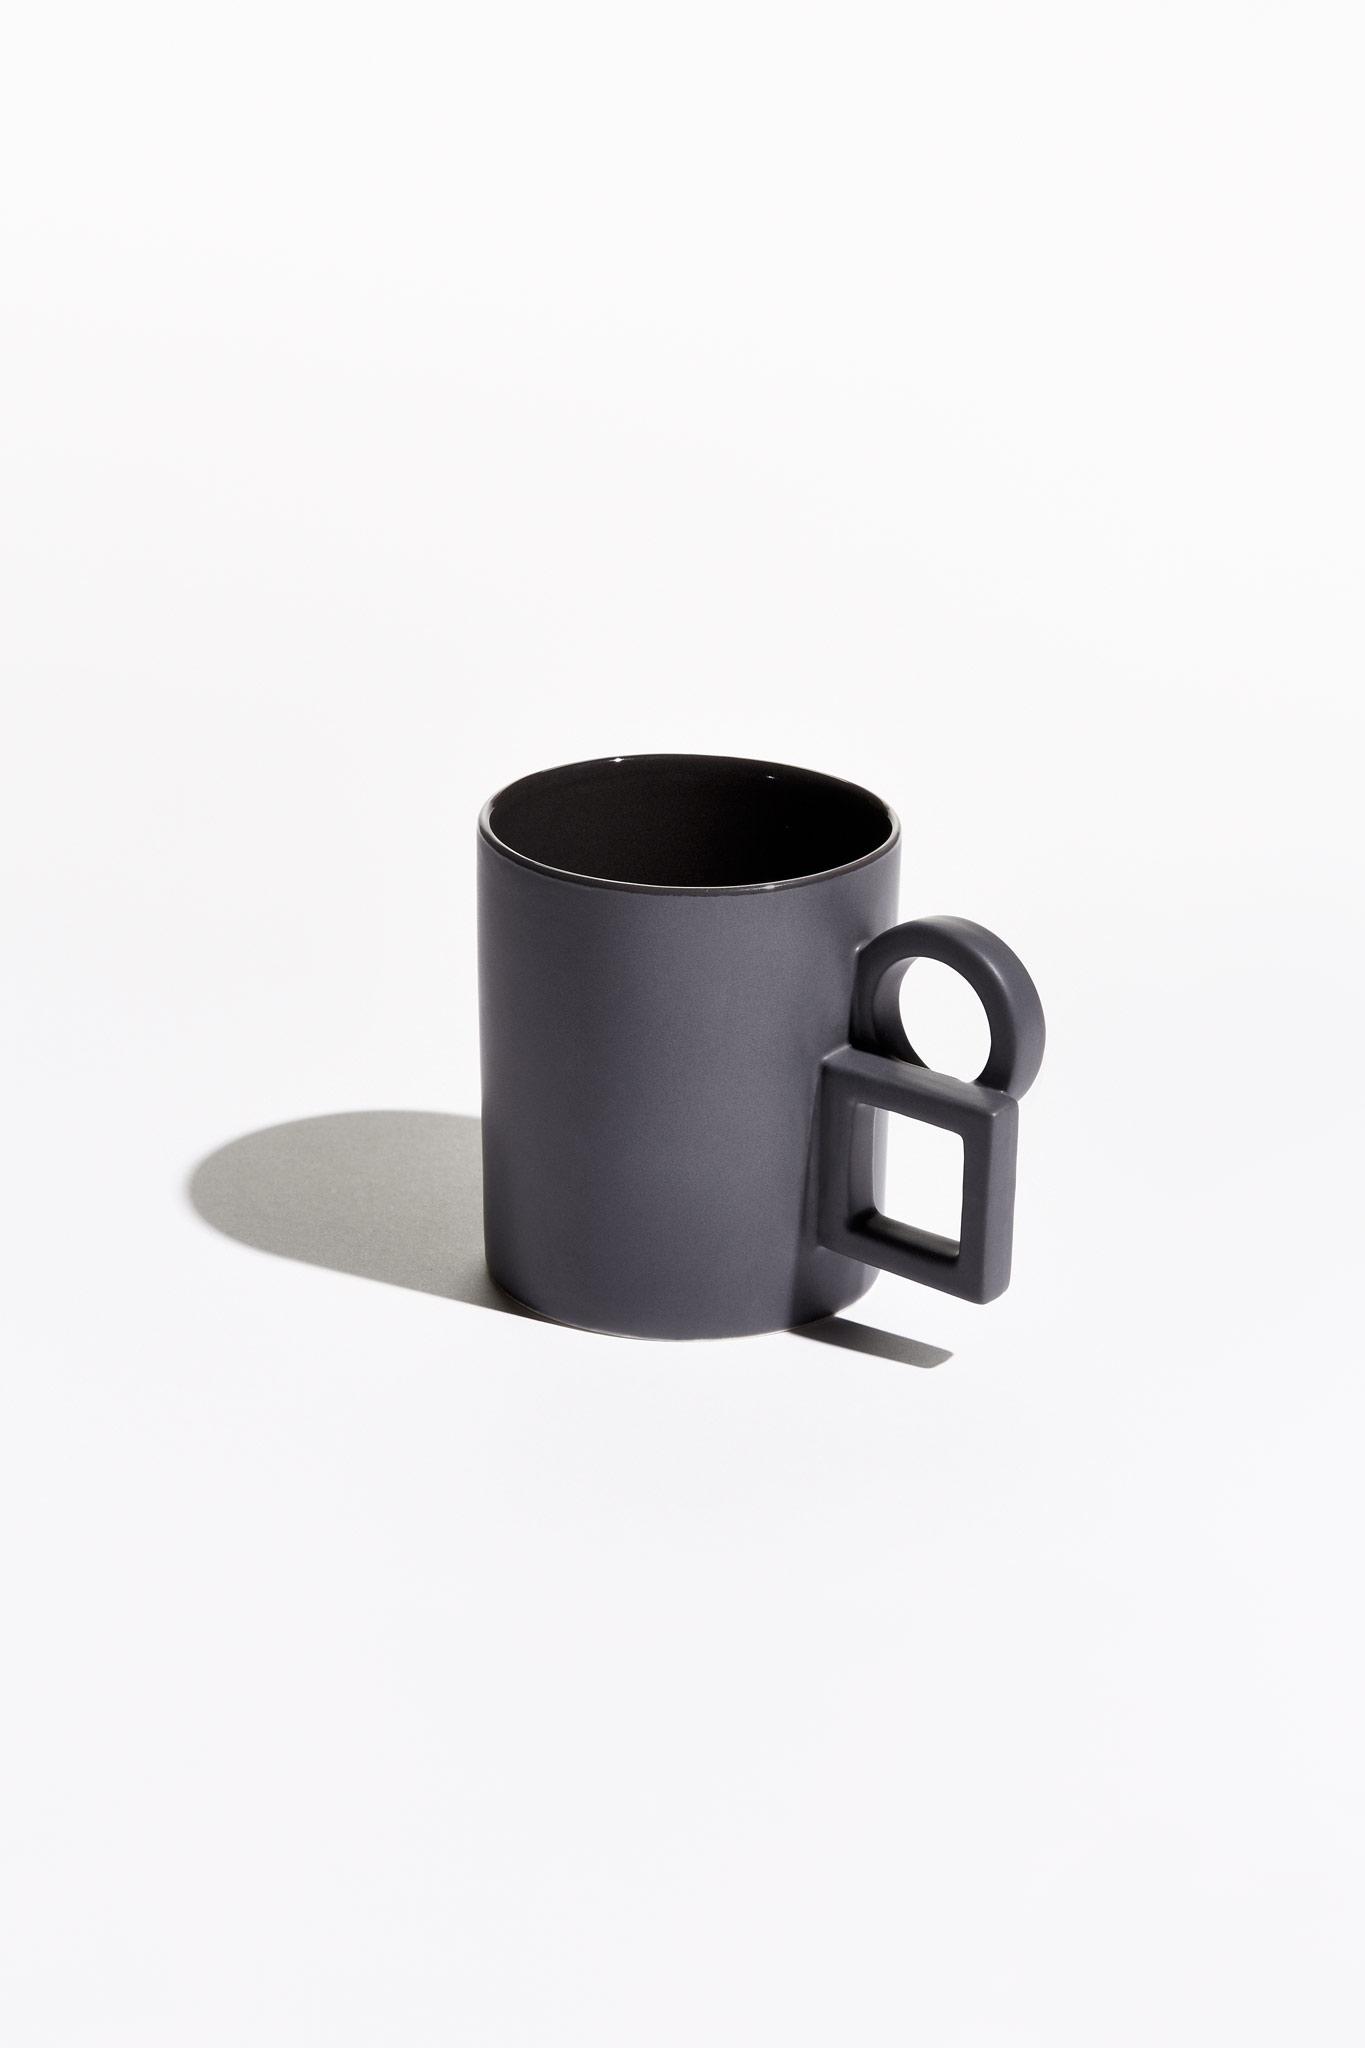 Aandersson - Geometric Mug.jpg